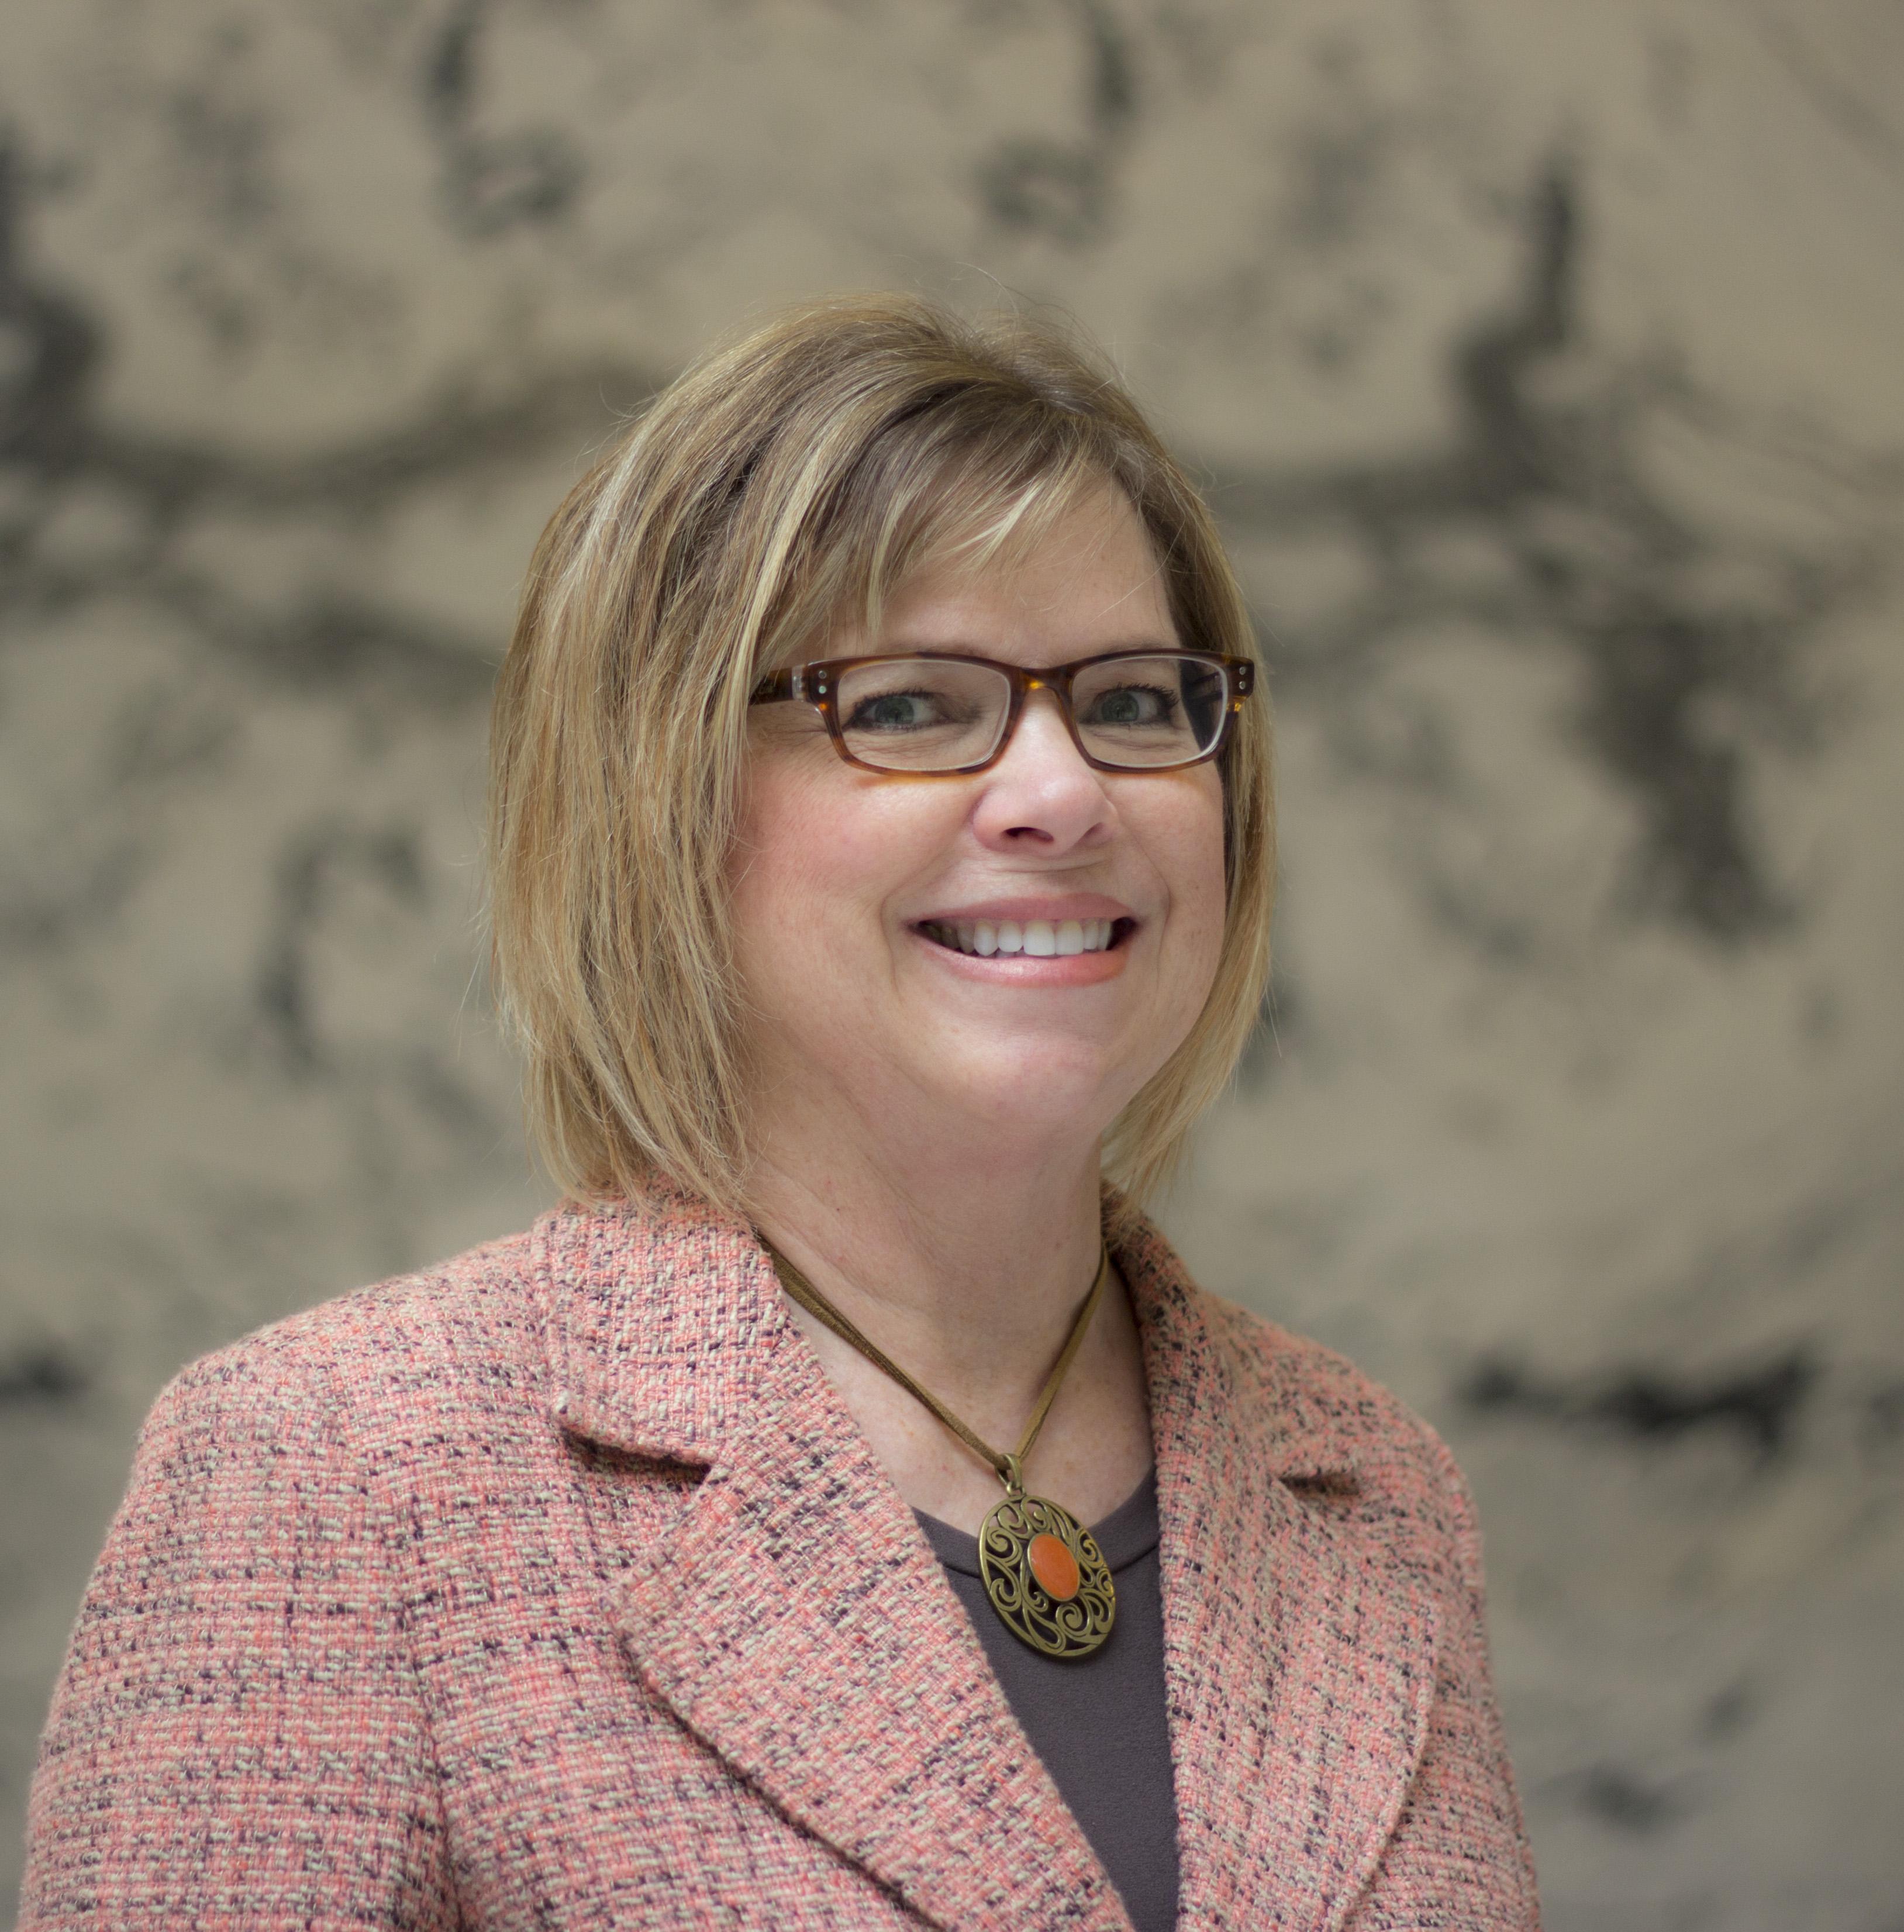 Linda Siebenhaar